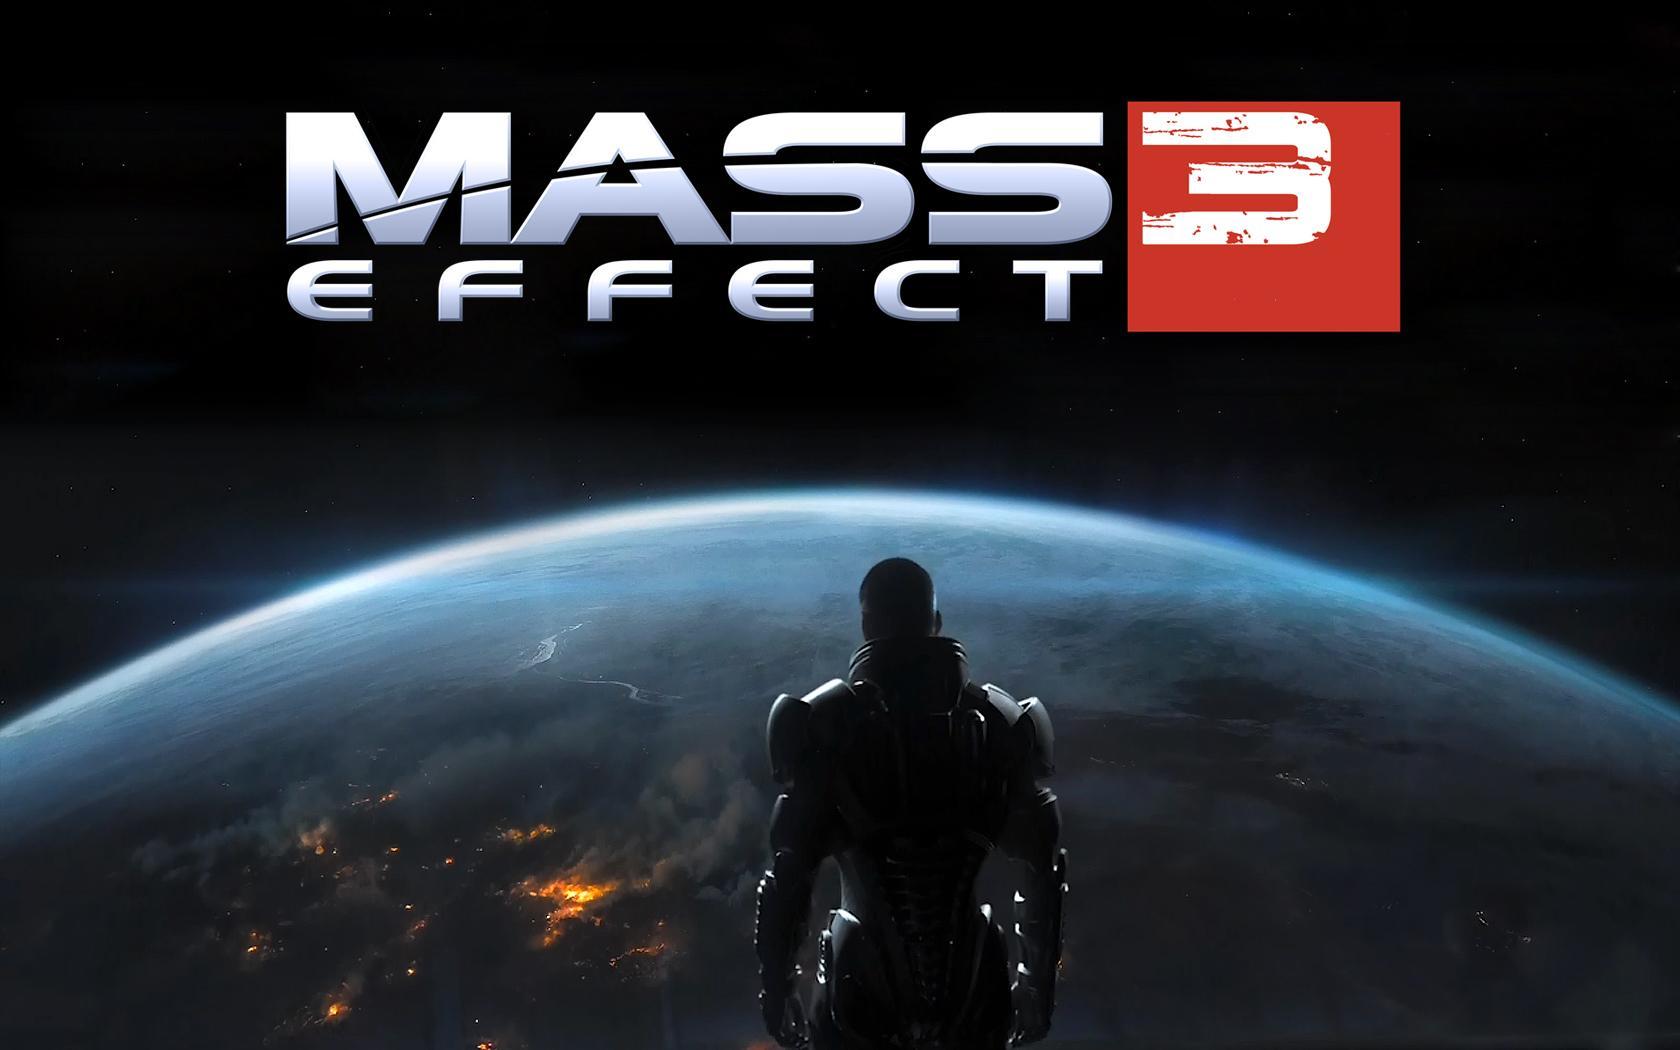 Сегодня день рождения Mass Effect 3. Ровно 3 года вы ругались на концовки) - Изображение 1